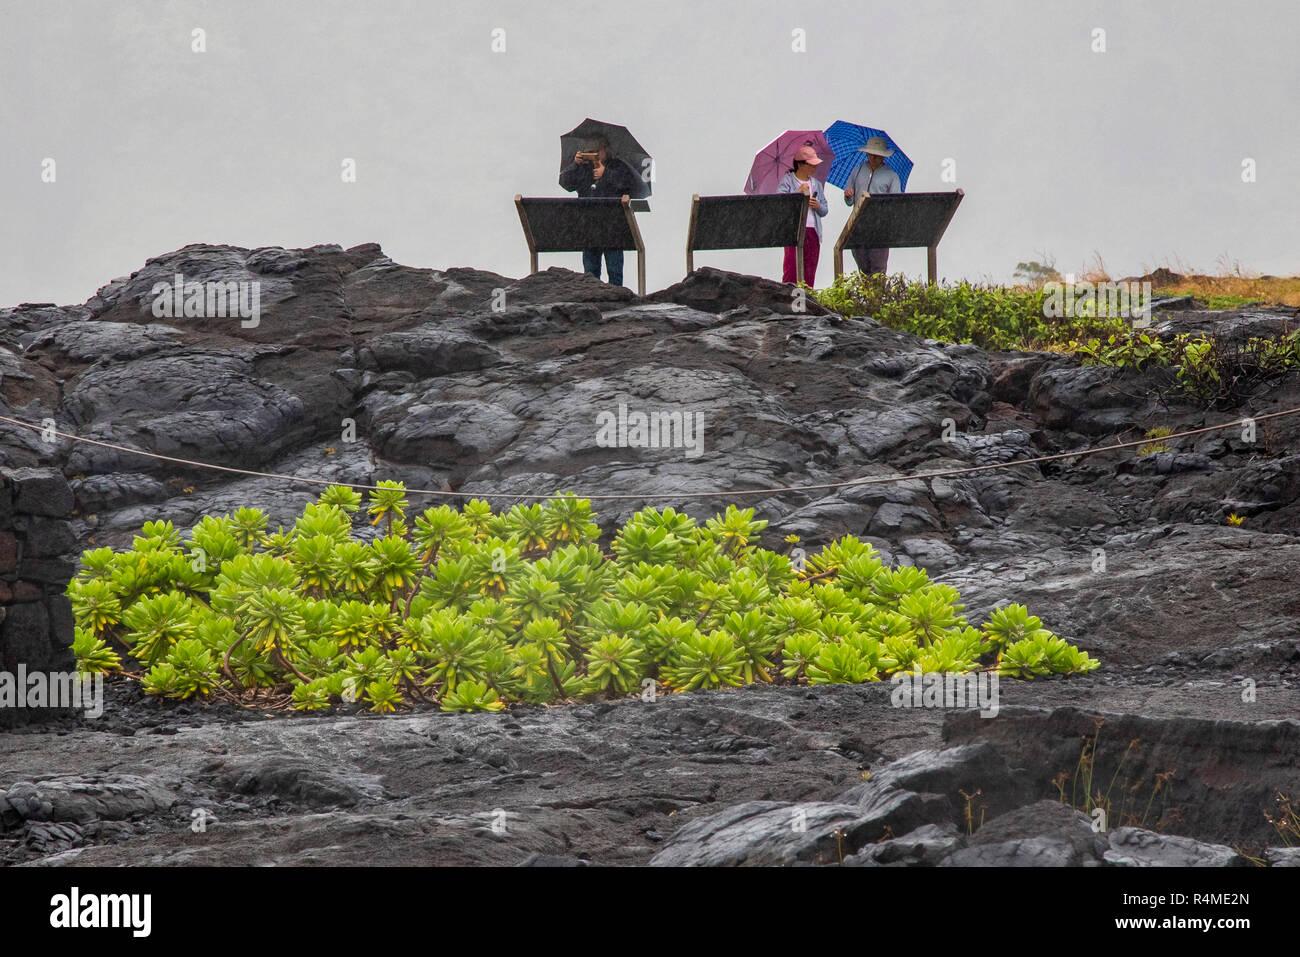 Hawaii Volcanoes National Park, Hawaii - Touristen Schutz unter Sonnenschirmen beim Lesen der National Park Service Informationen am Ende der Kette von C Stockbild